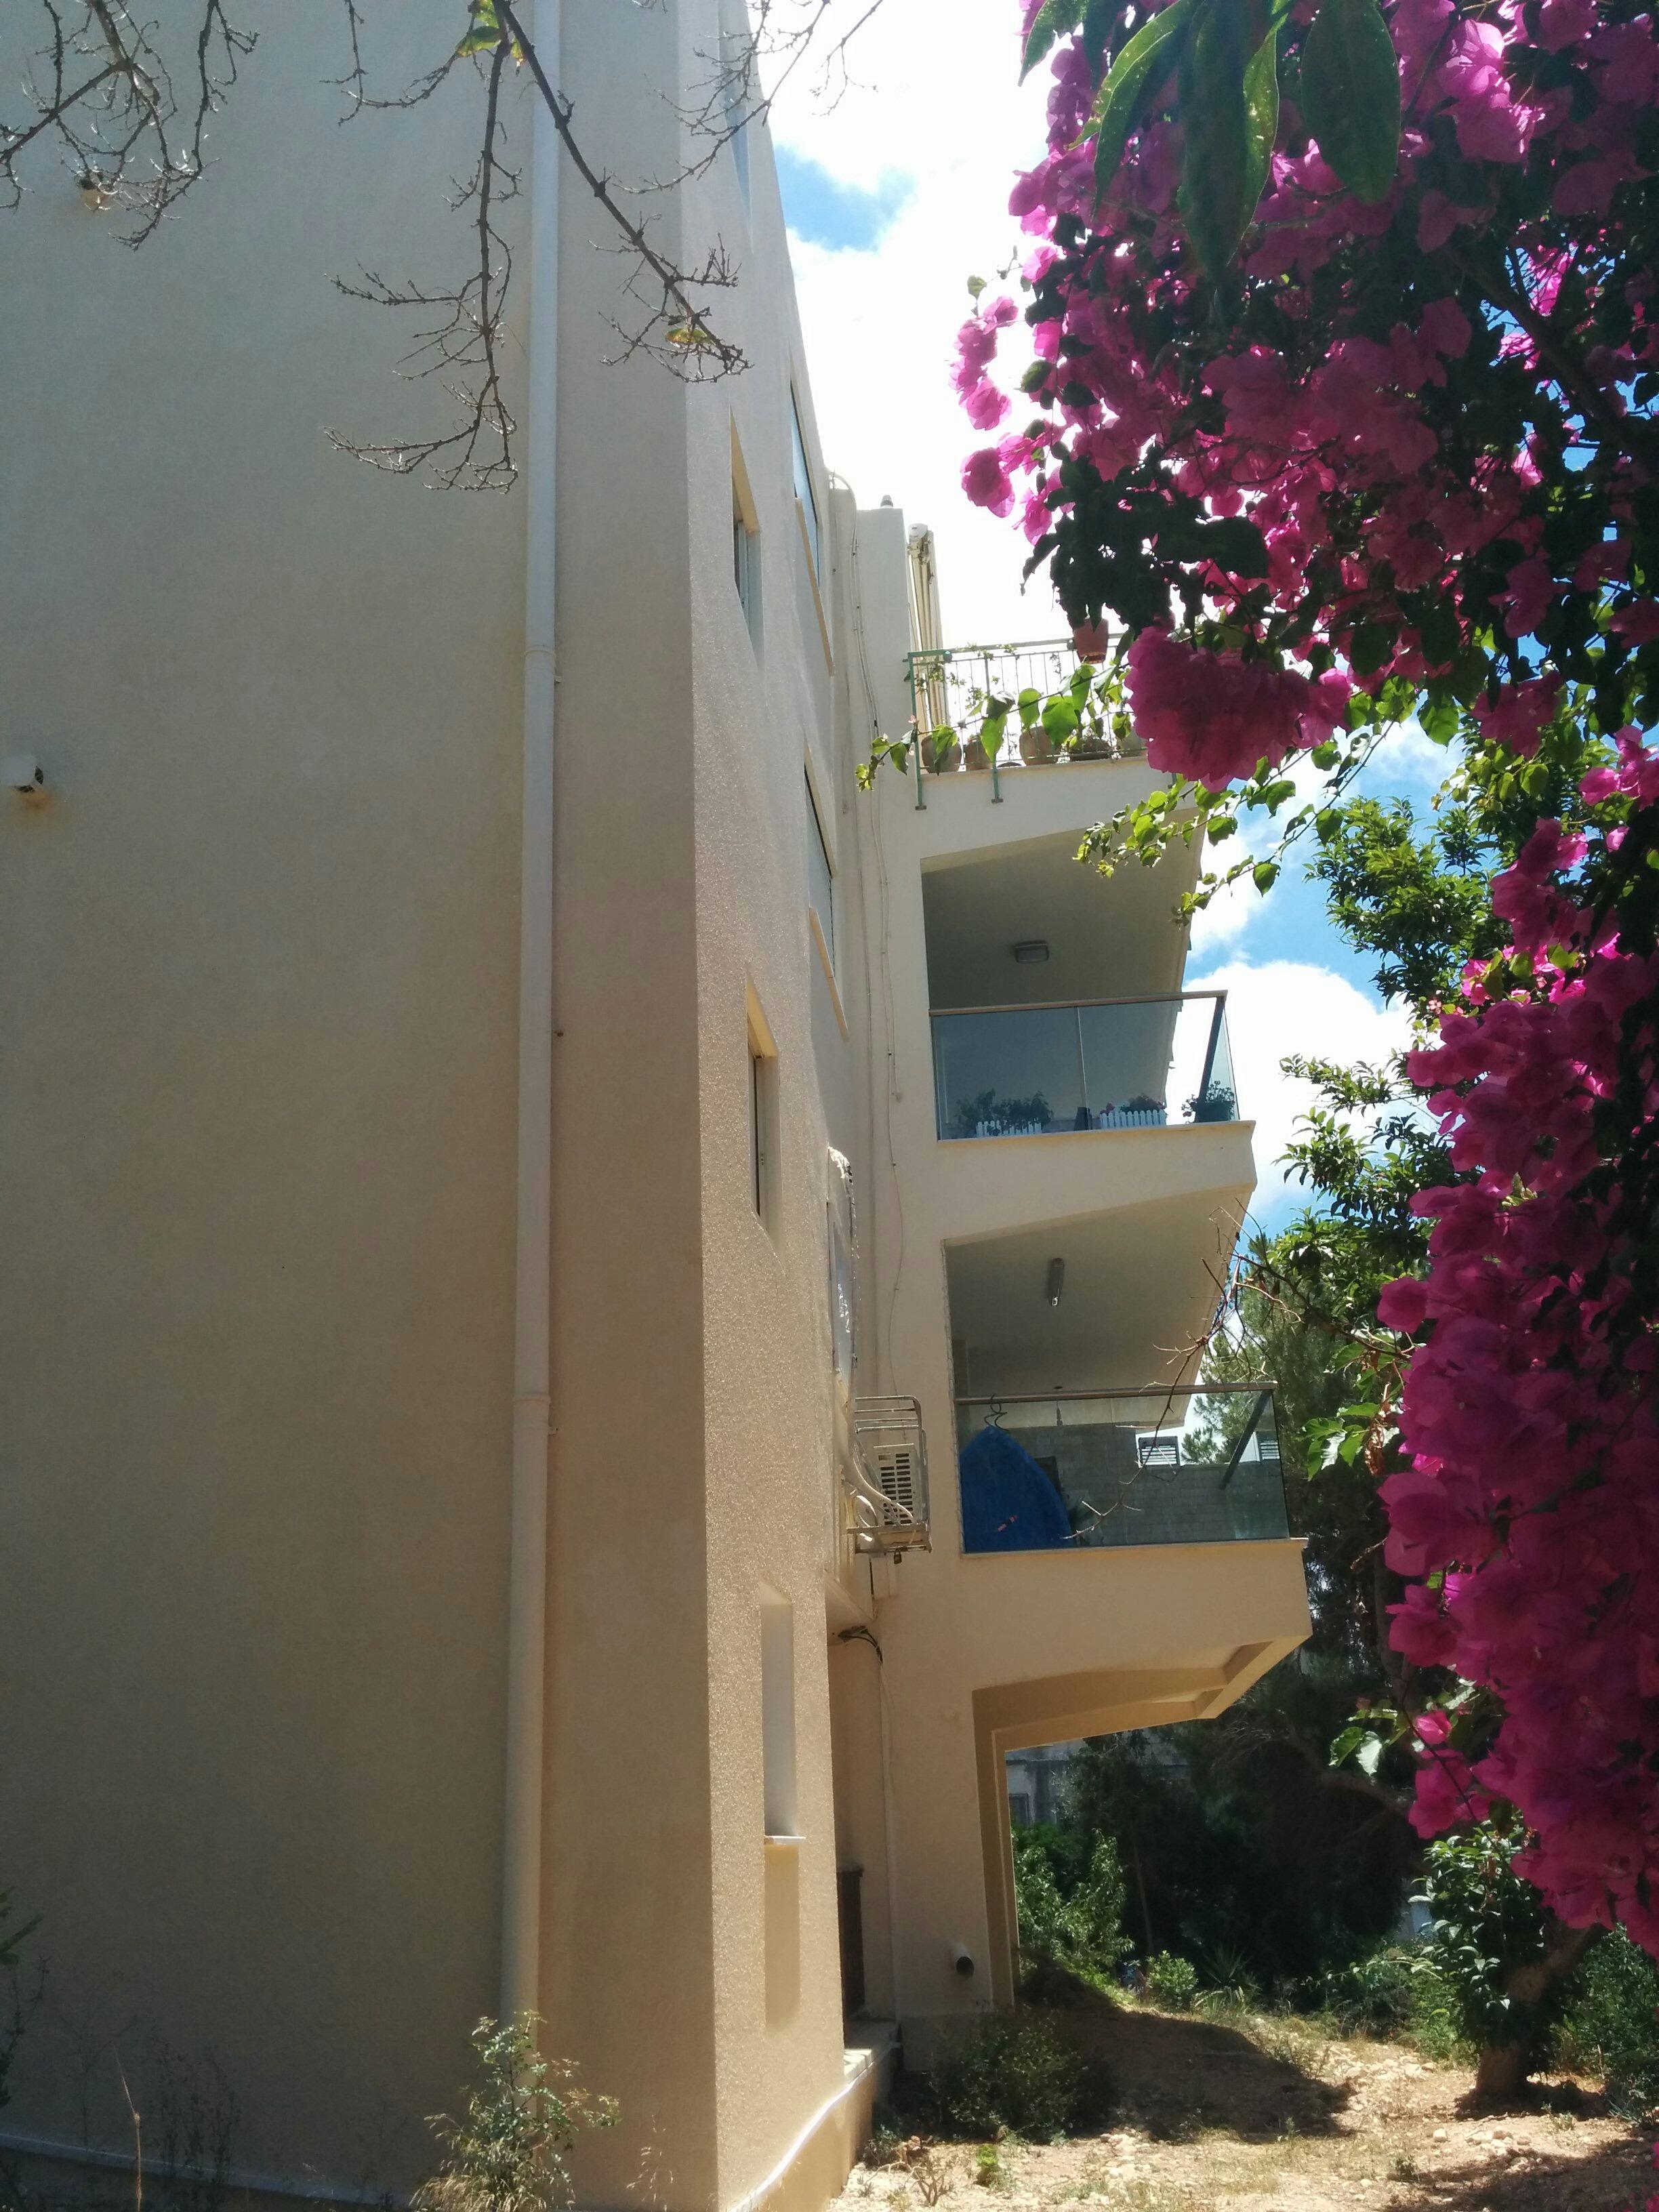 בנין מגורים בחיפה